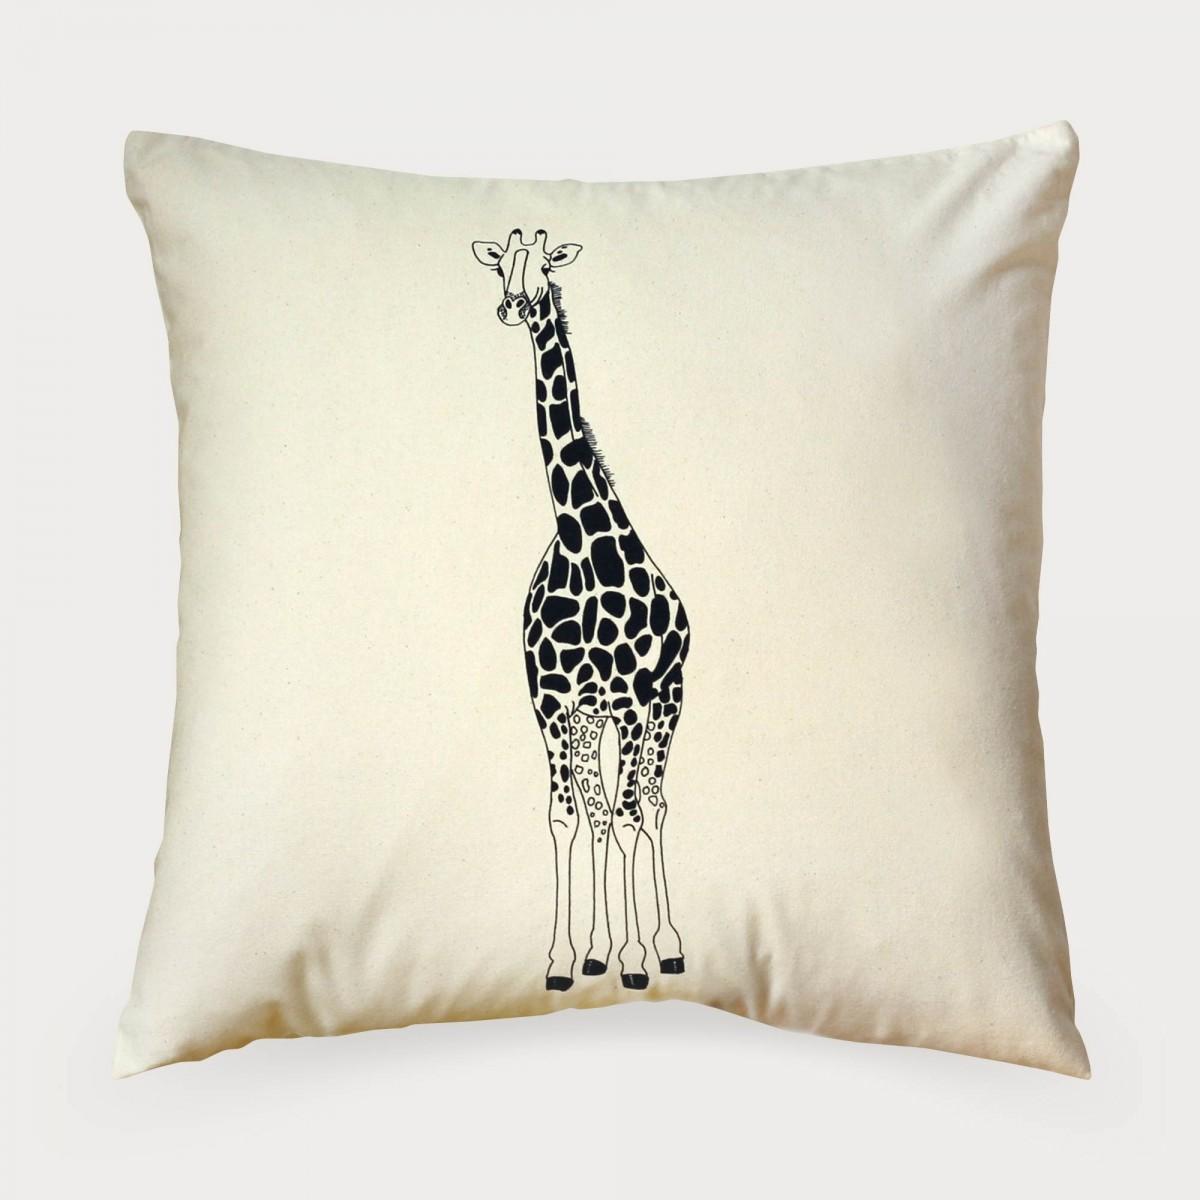 Giraffe Print Cushion Cover